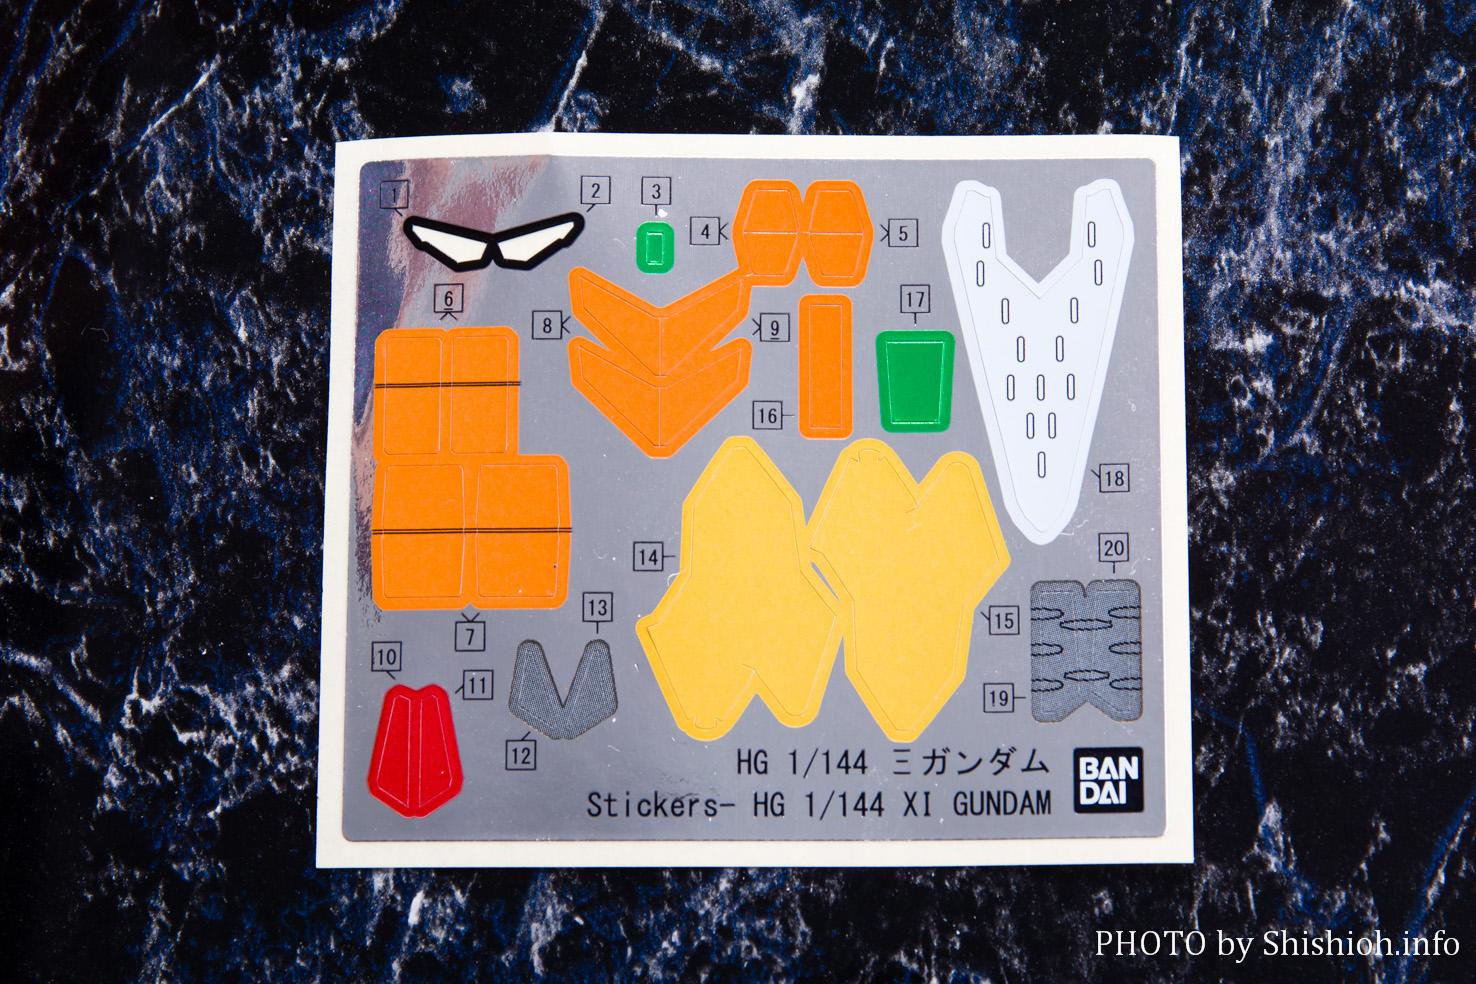 HGUC 1/144 Ξ(クスィー)ガンダム